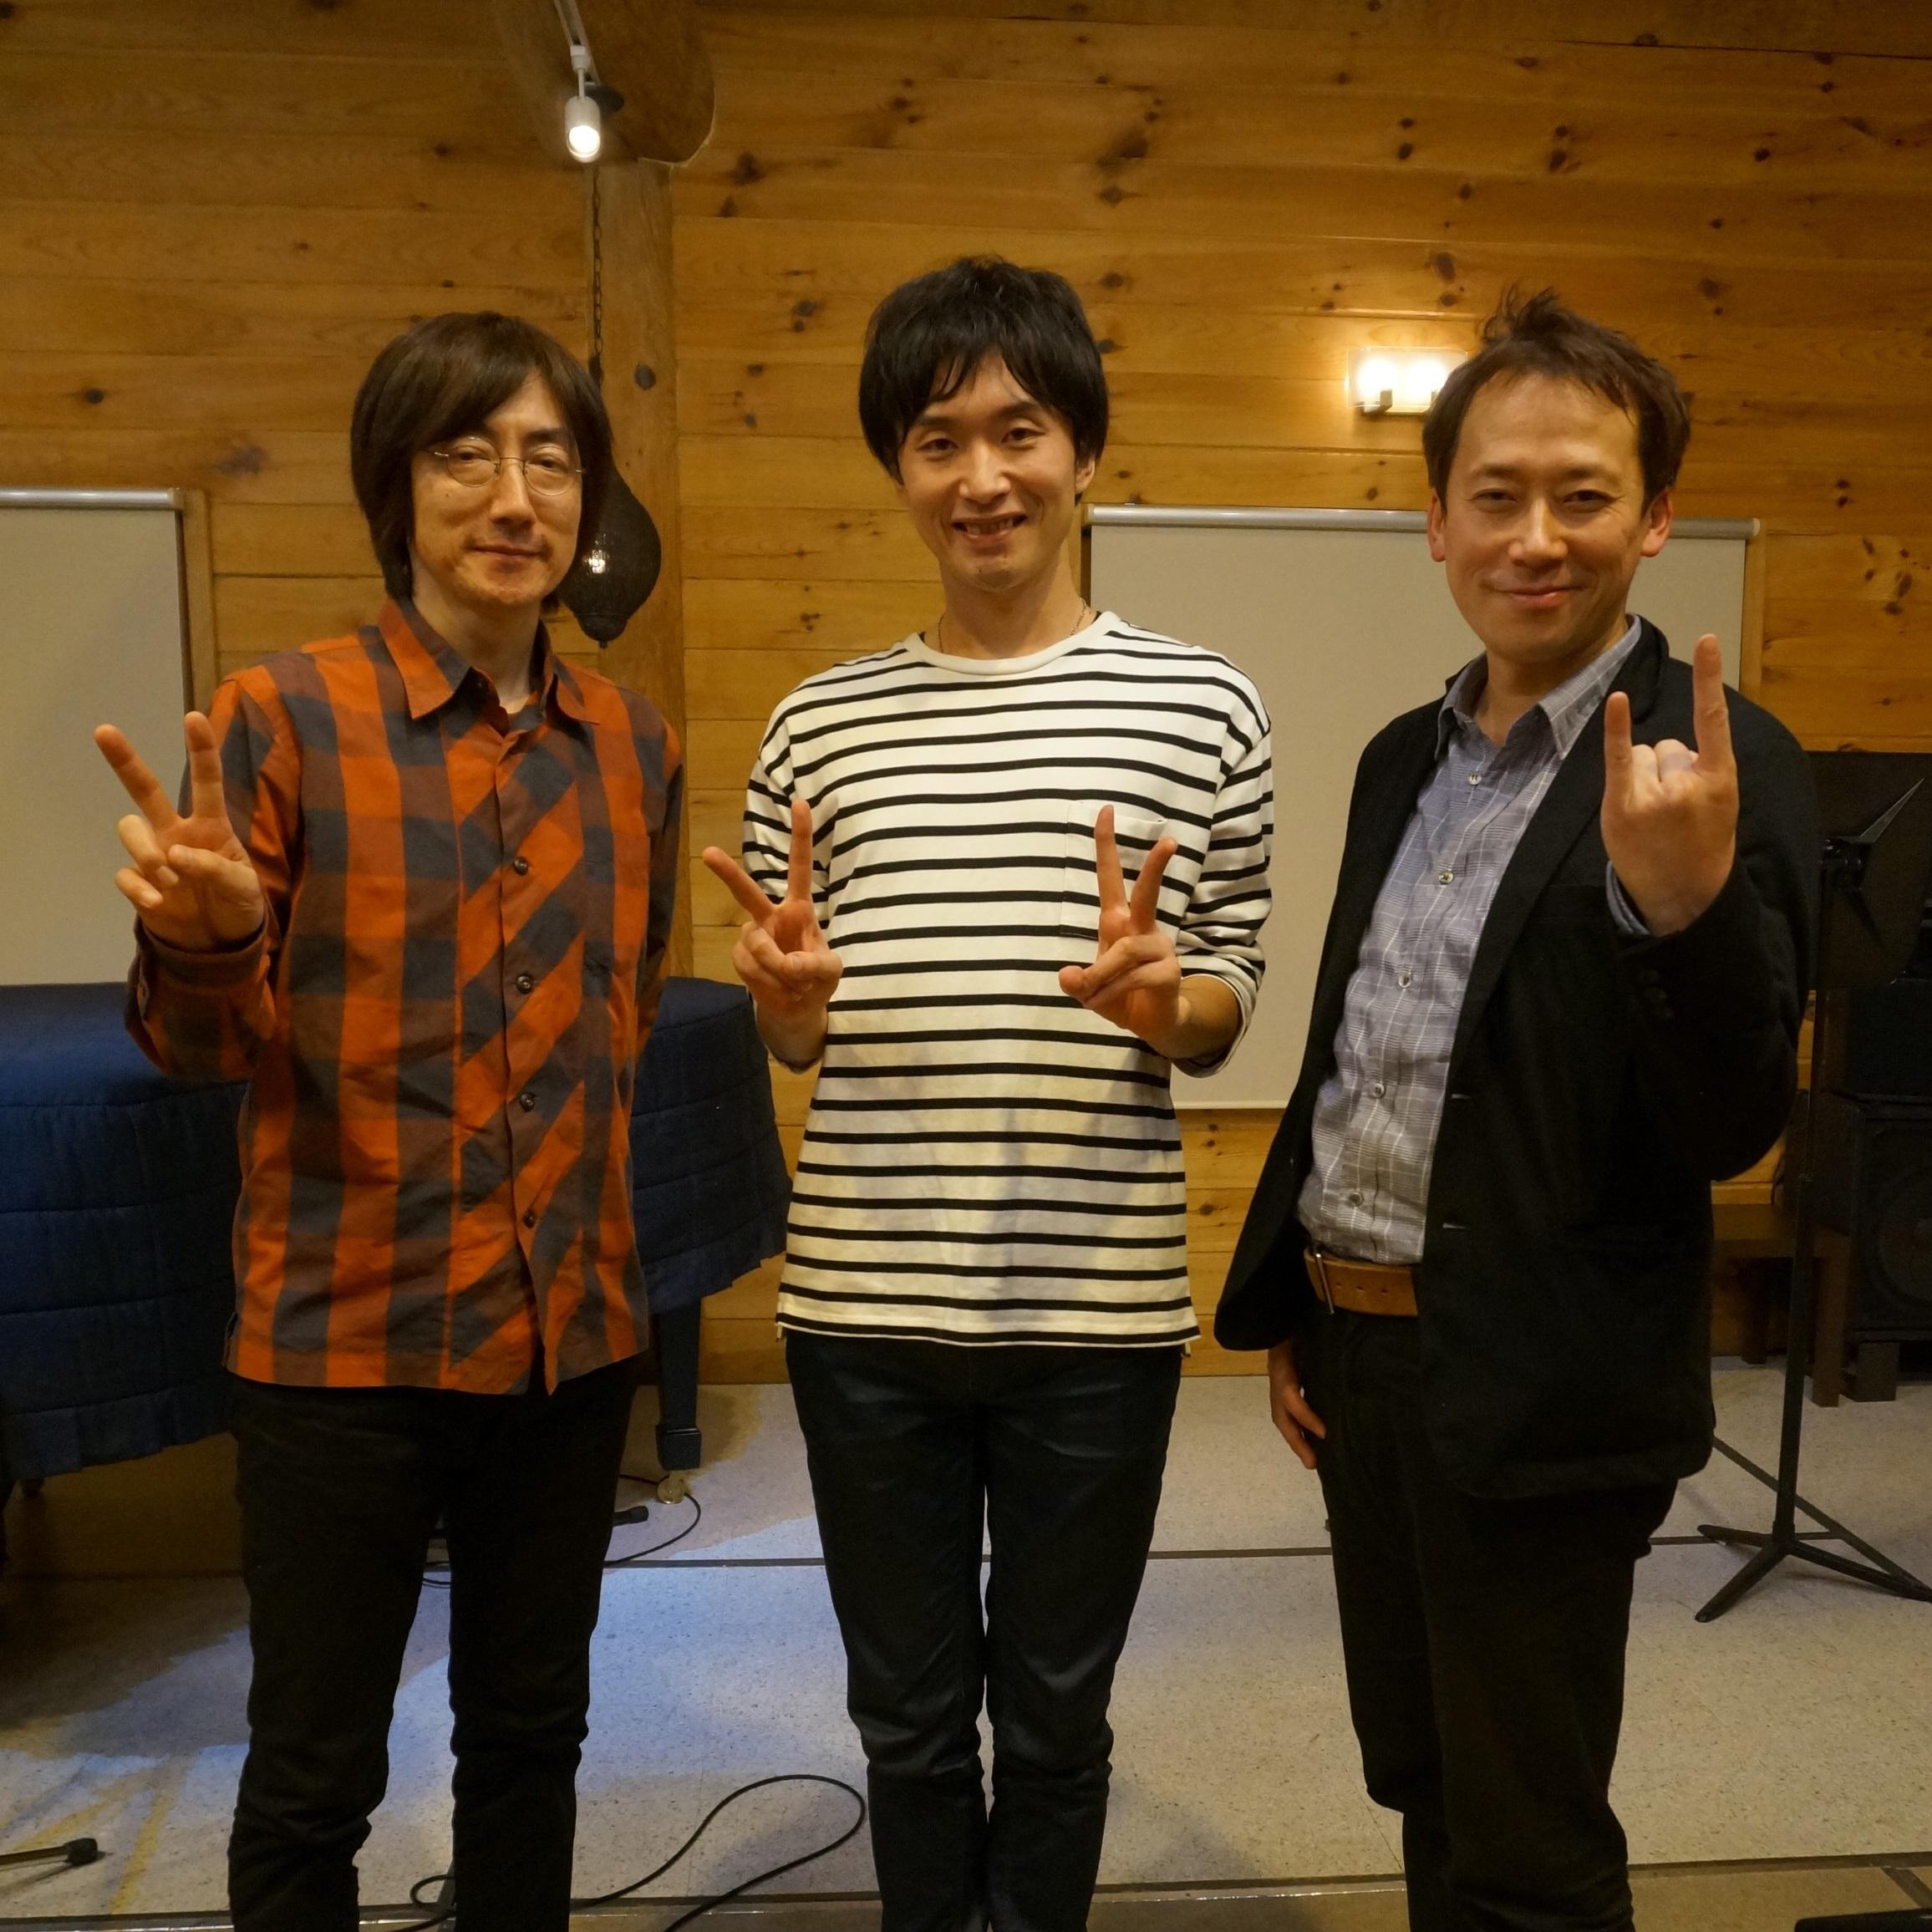 RealVOICE 2015.11.4 伊東洋平さん(シンガーソングライター) 佐藤達哉さん(キーボーディスト)